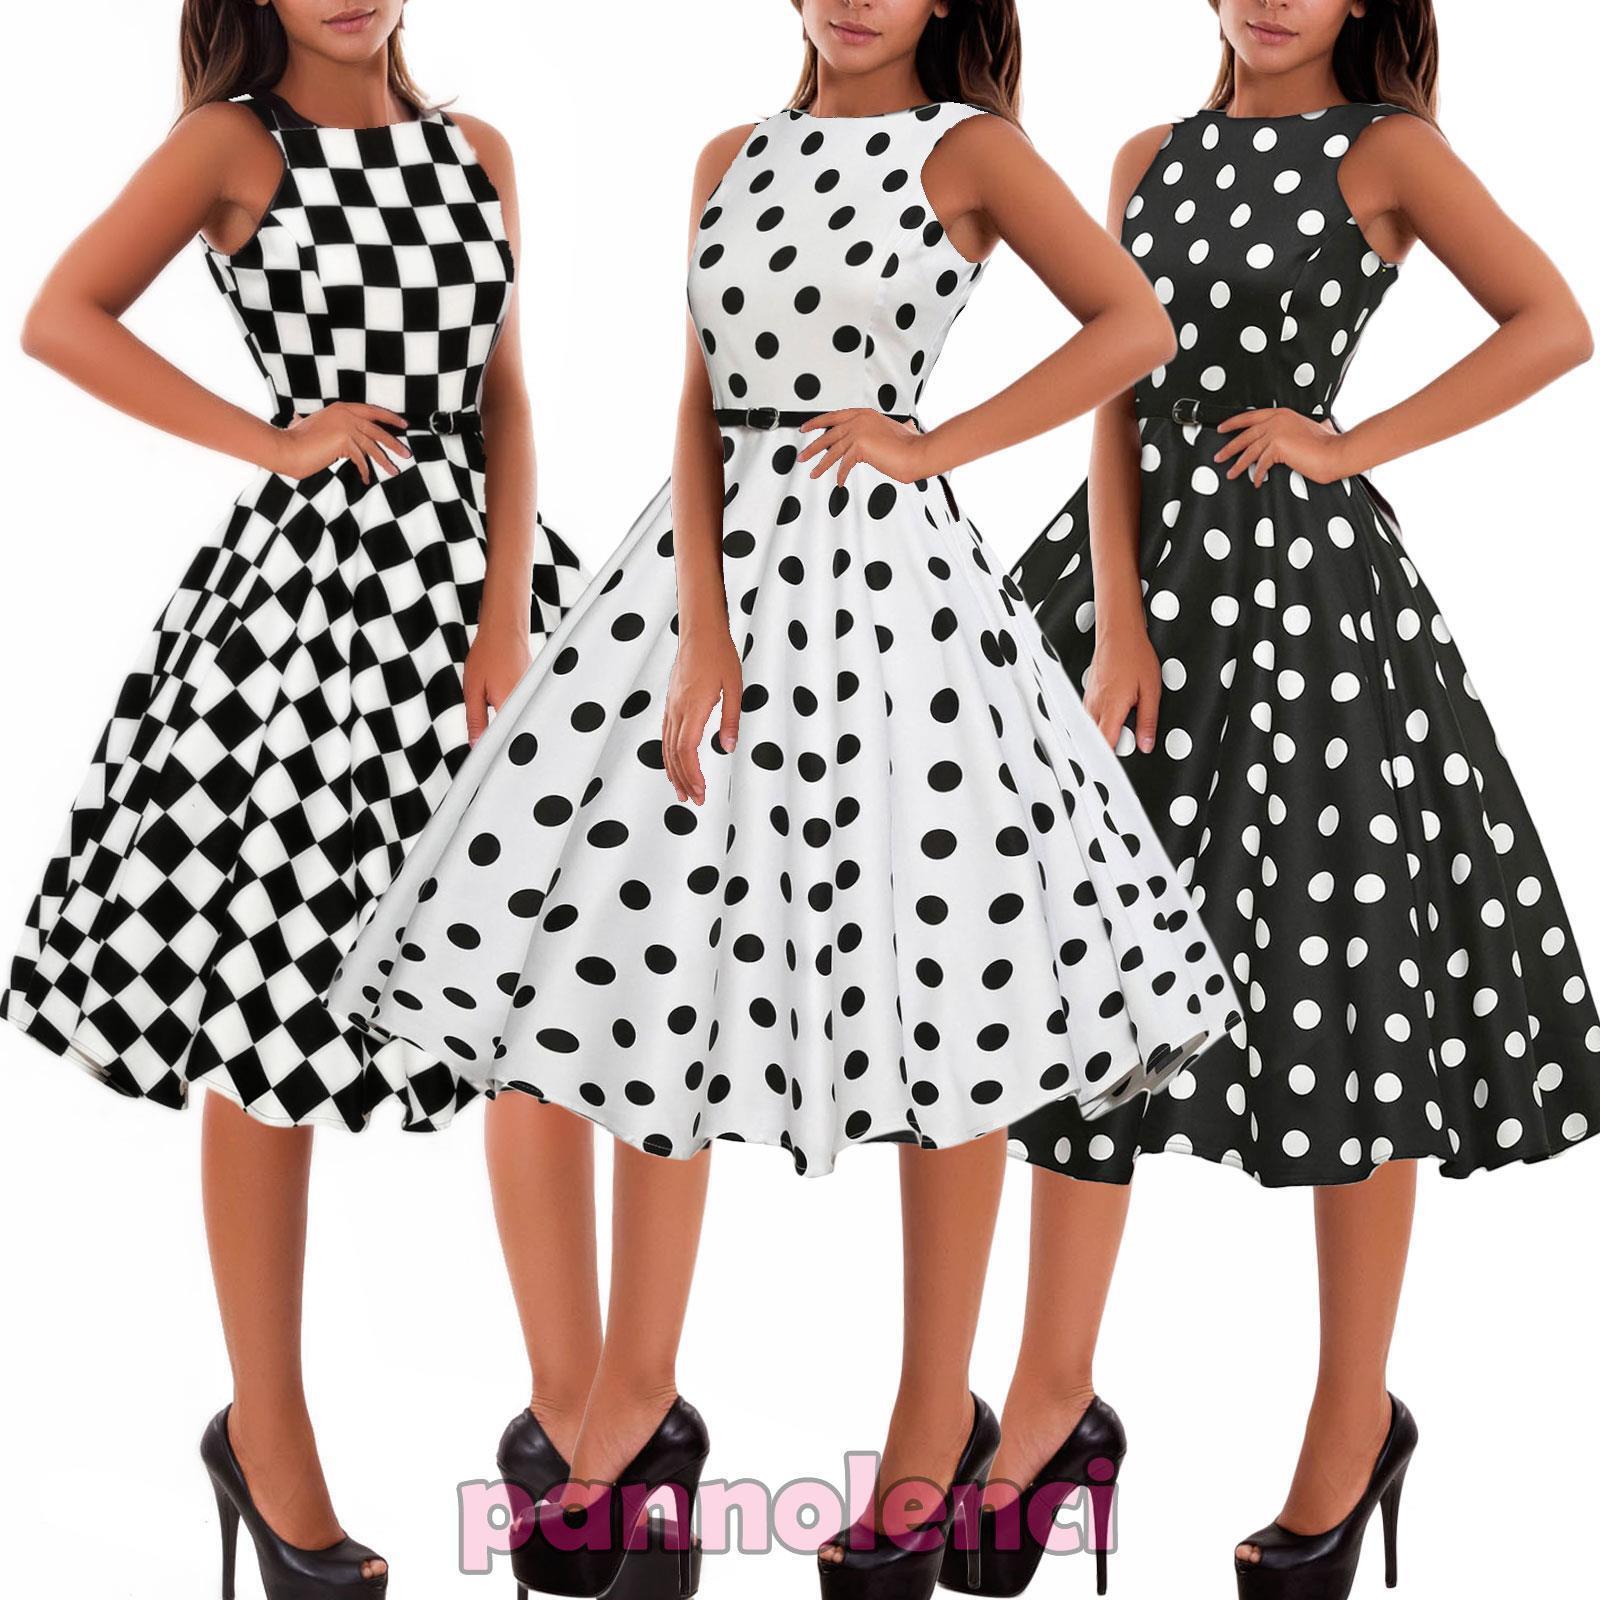 82189fe21f57 Abito donna vestito pinup anni  50 rockabilly pois scacchi quadri nuovo  DL-1950